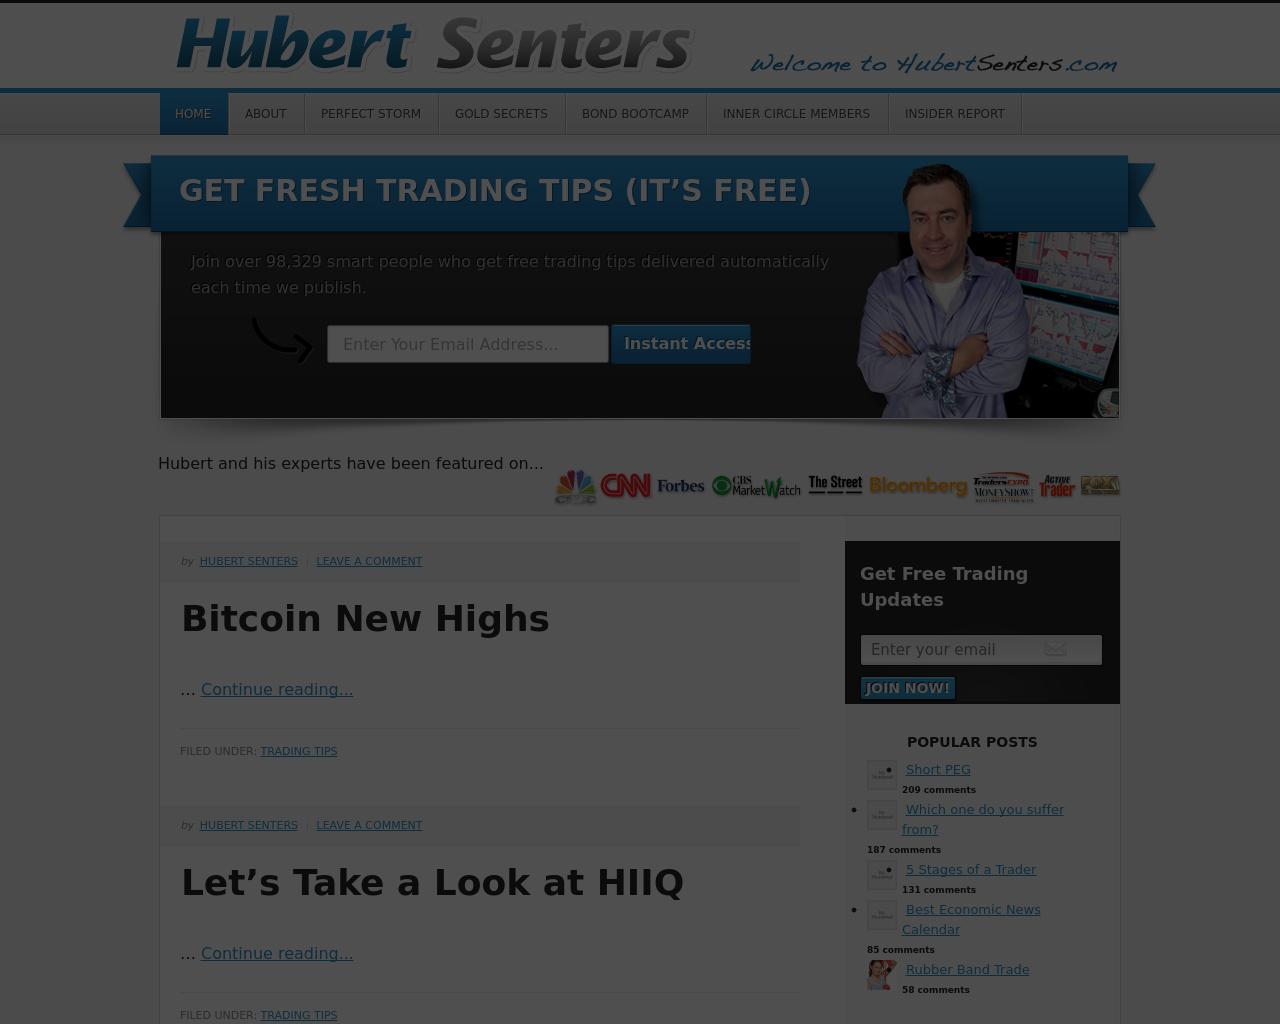 Hubert-Senters-Advertising-Reviews-Pricing